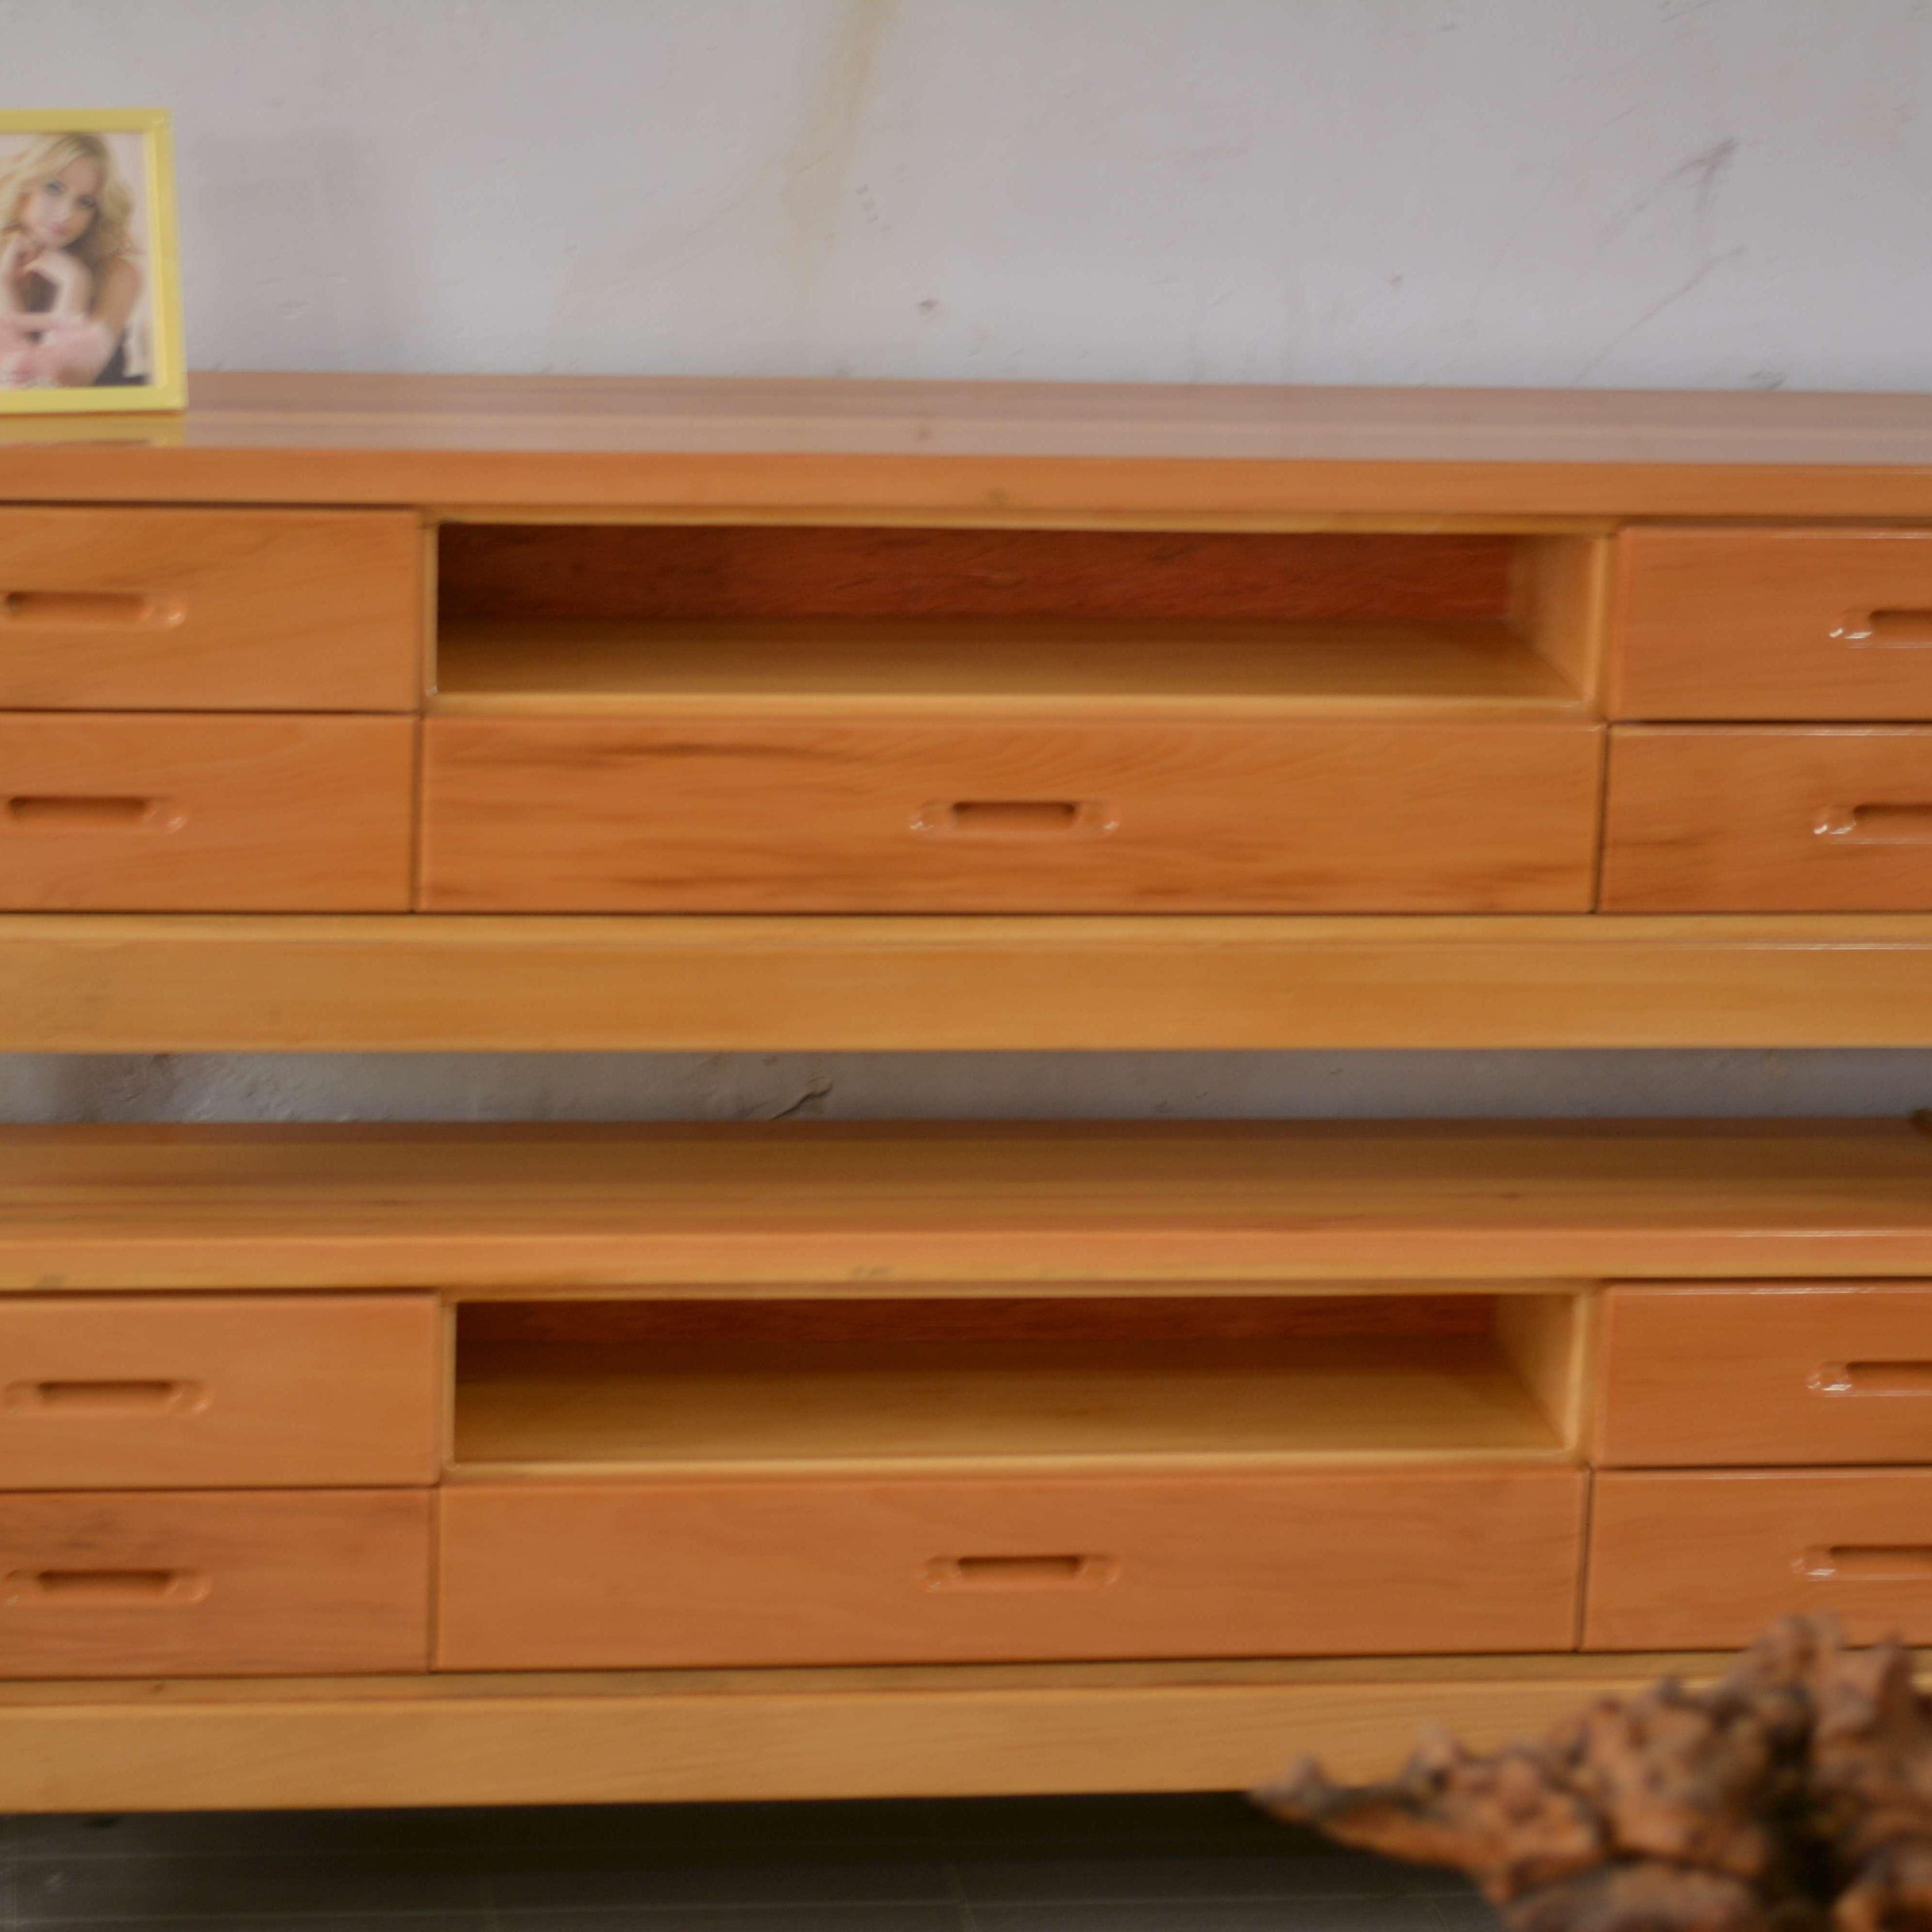 王家实木家具 红松木纯实木手工打造 实木家俱电视柜 实木家具超低价格 厂家直销